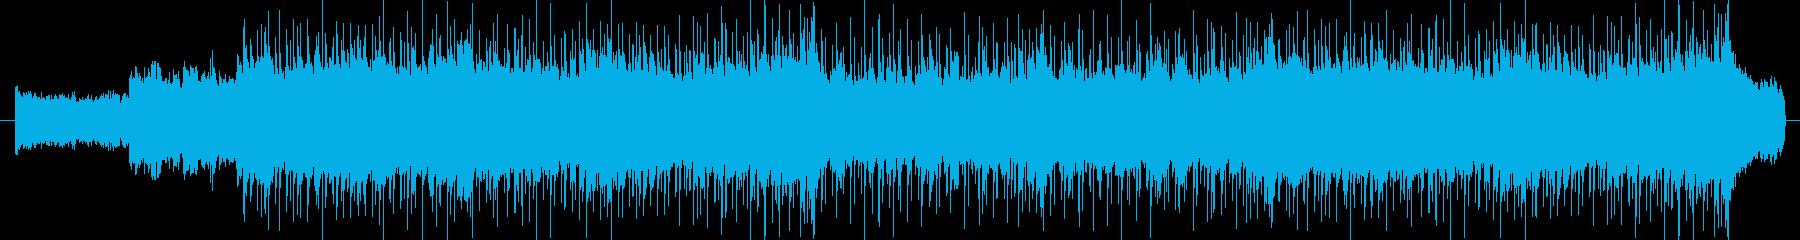 ギターリフが印象的なバンドサウンドの再生済みの波形